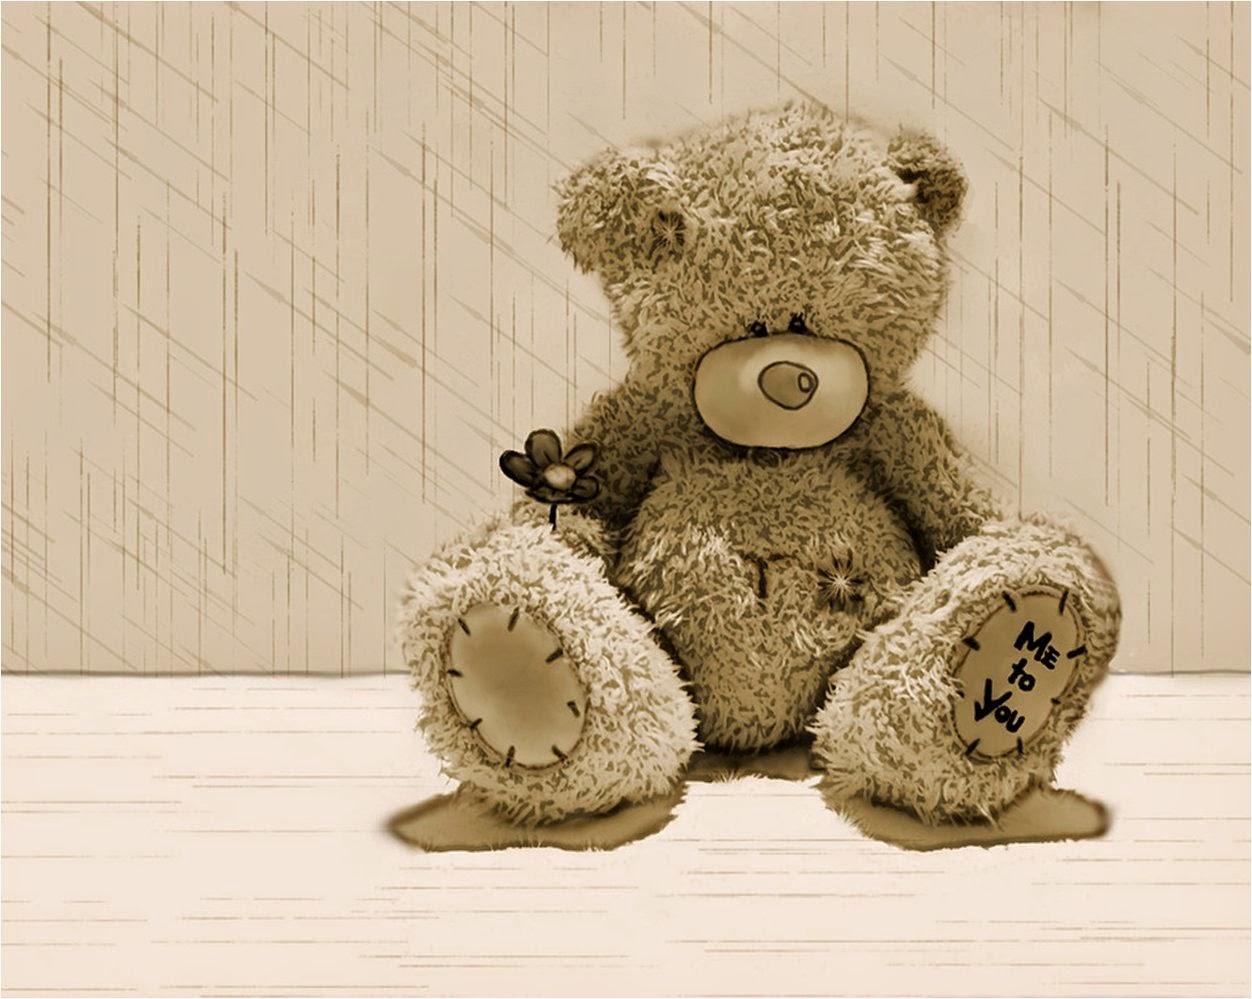 sad-Teddy-bear-cartoon-love-failure-image-1252x999.jpg